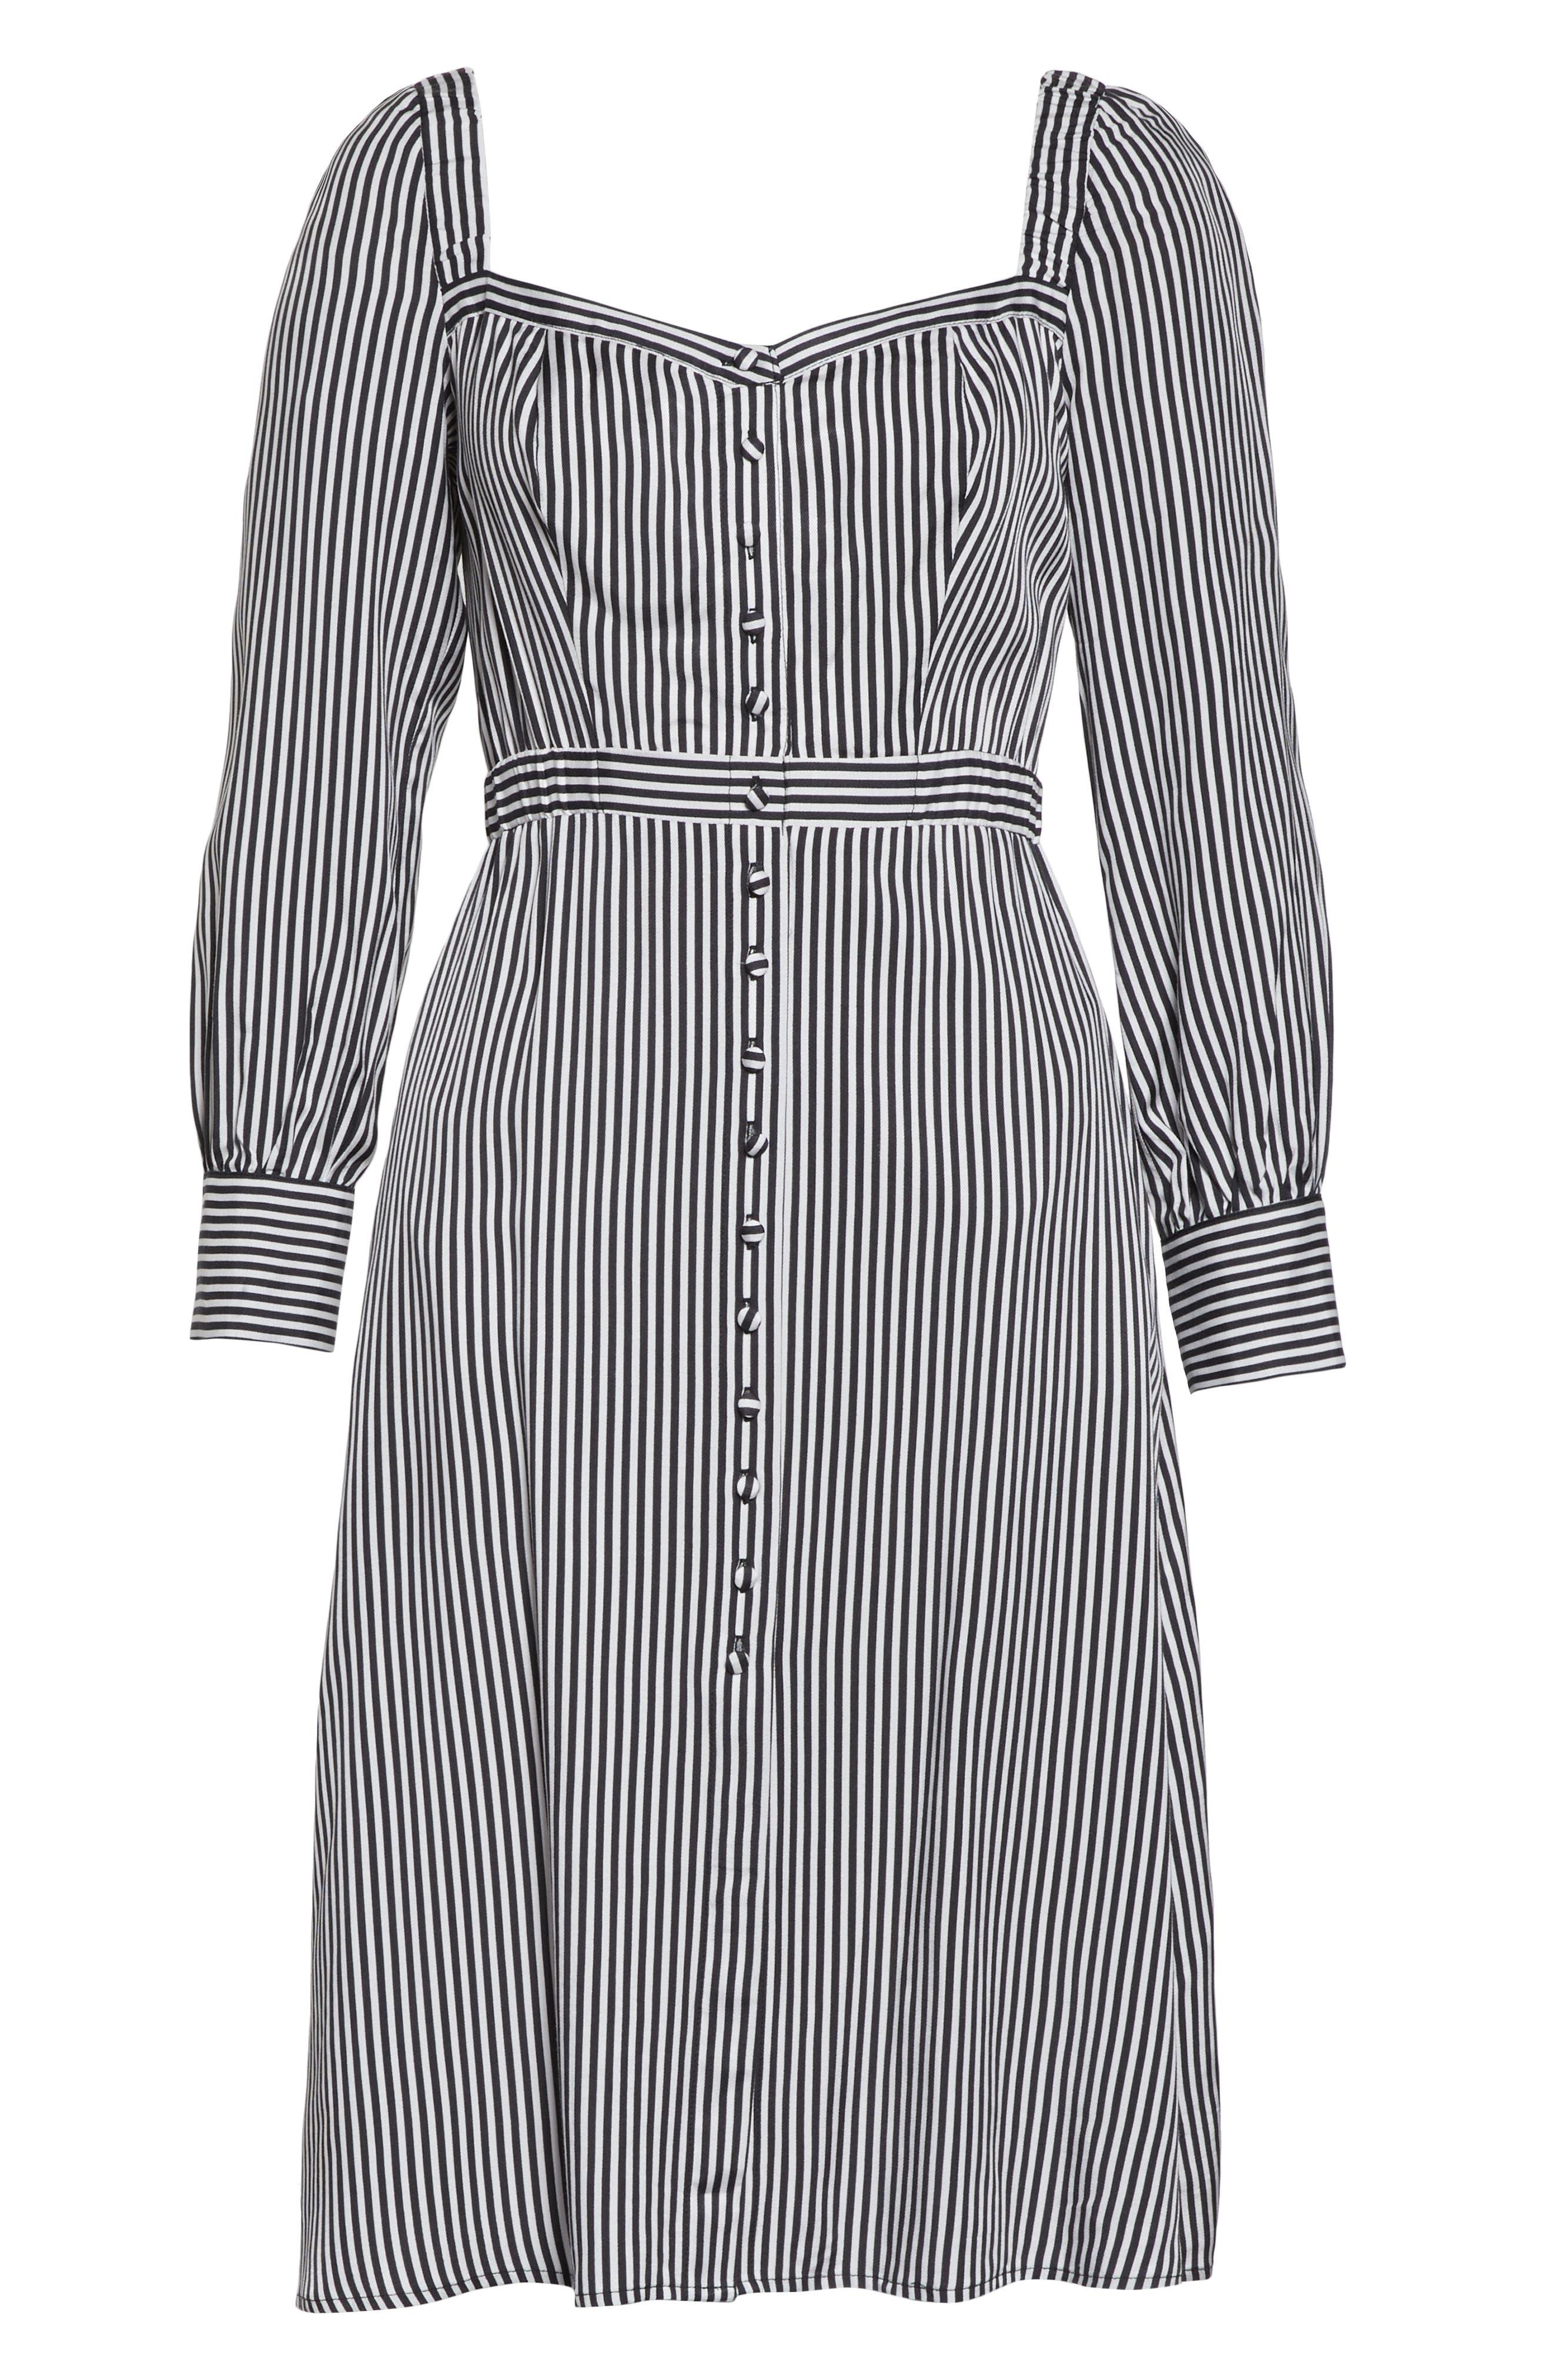 ALI & JAY, Take Me Downtown Stripe Dress, Alternate thumbnail 7, color, 001